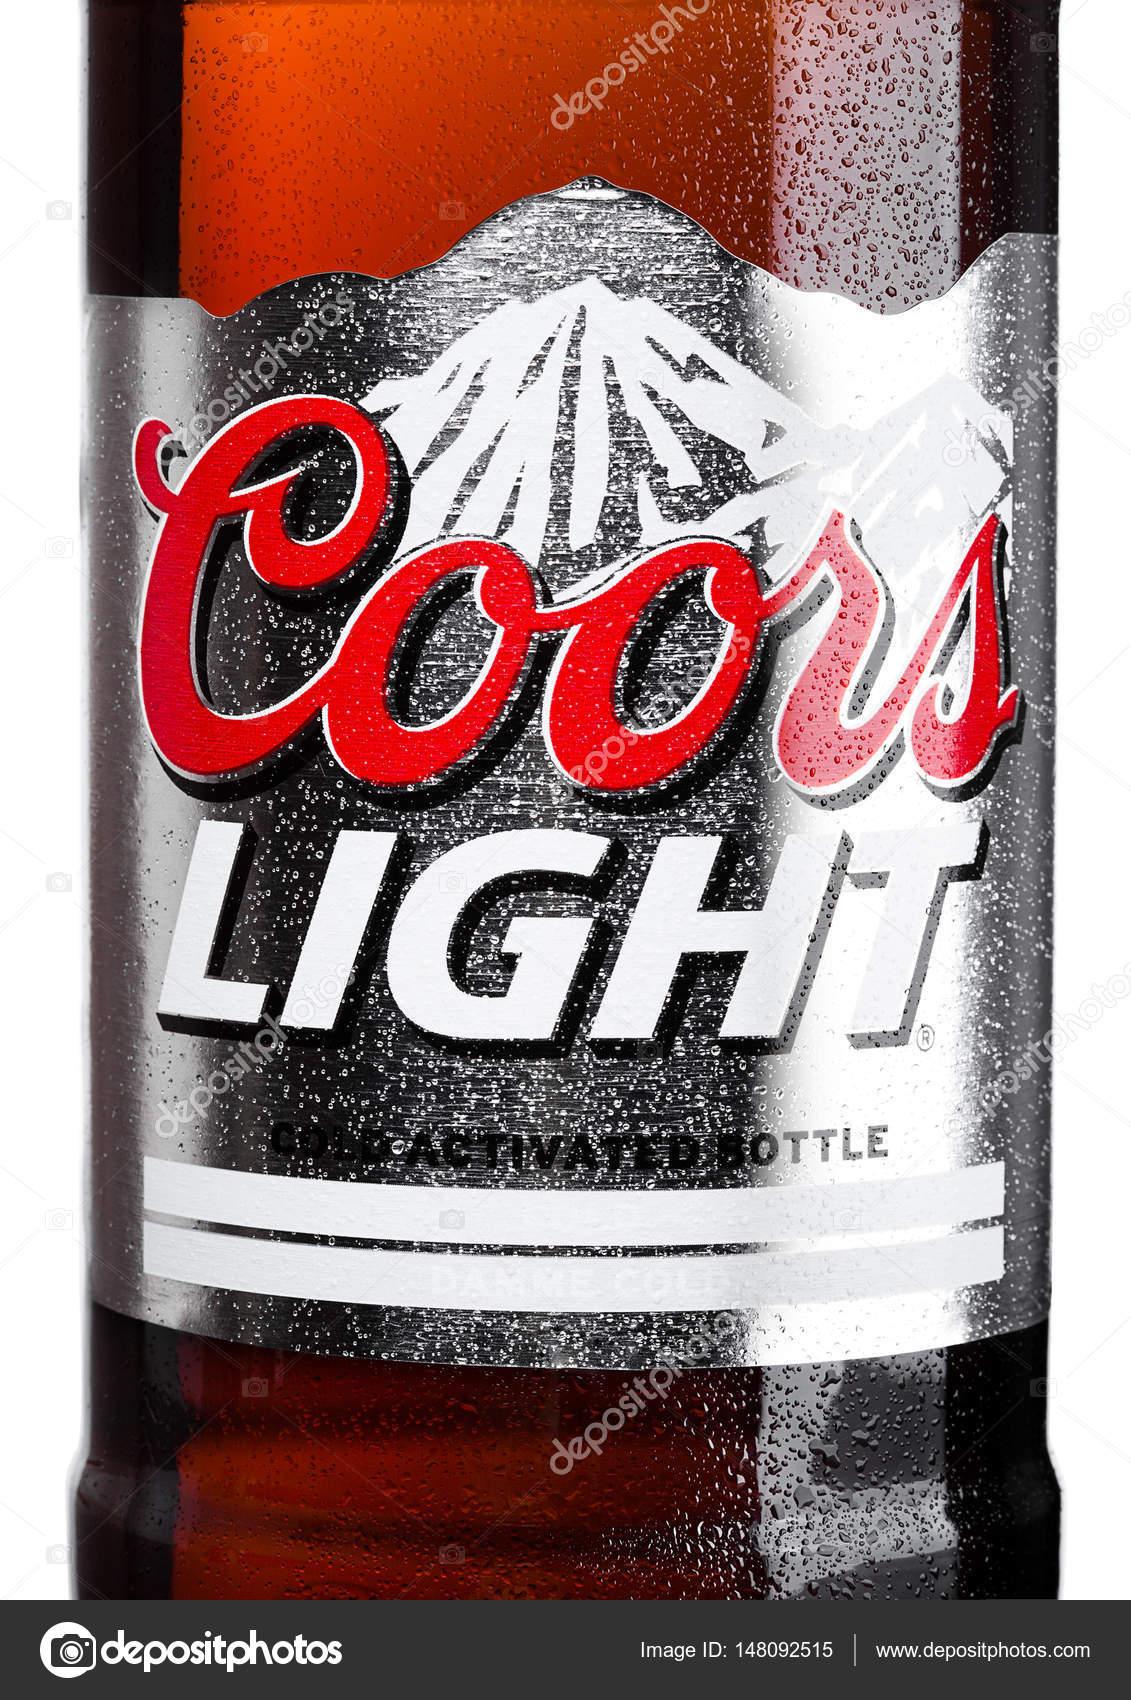 Londres   30 De Marzo De 2017: Etiqueta De La Botella De La Cerveza Coors  Light En Blanco. Coors Opera Una Fábrica De Cerveza En Golden, Colorado, ...